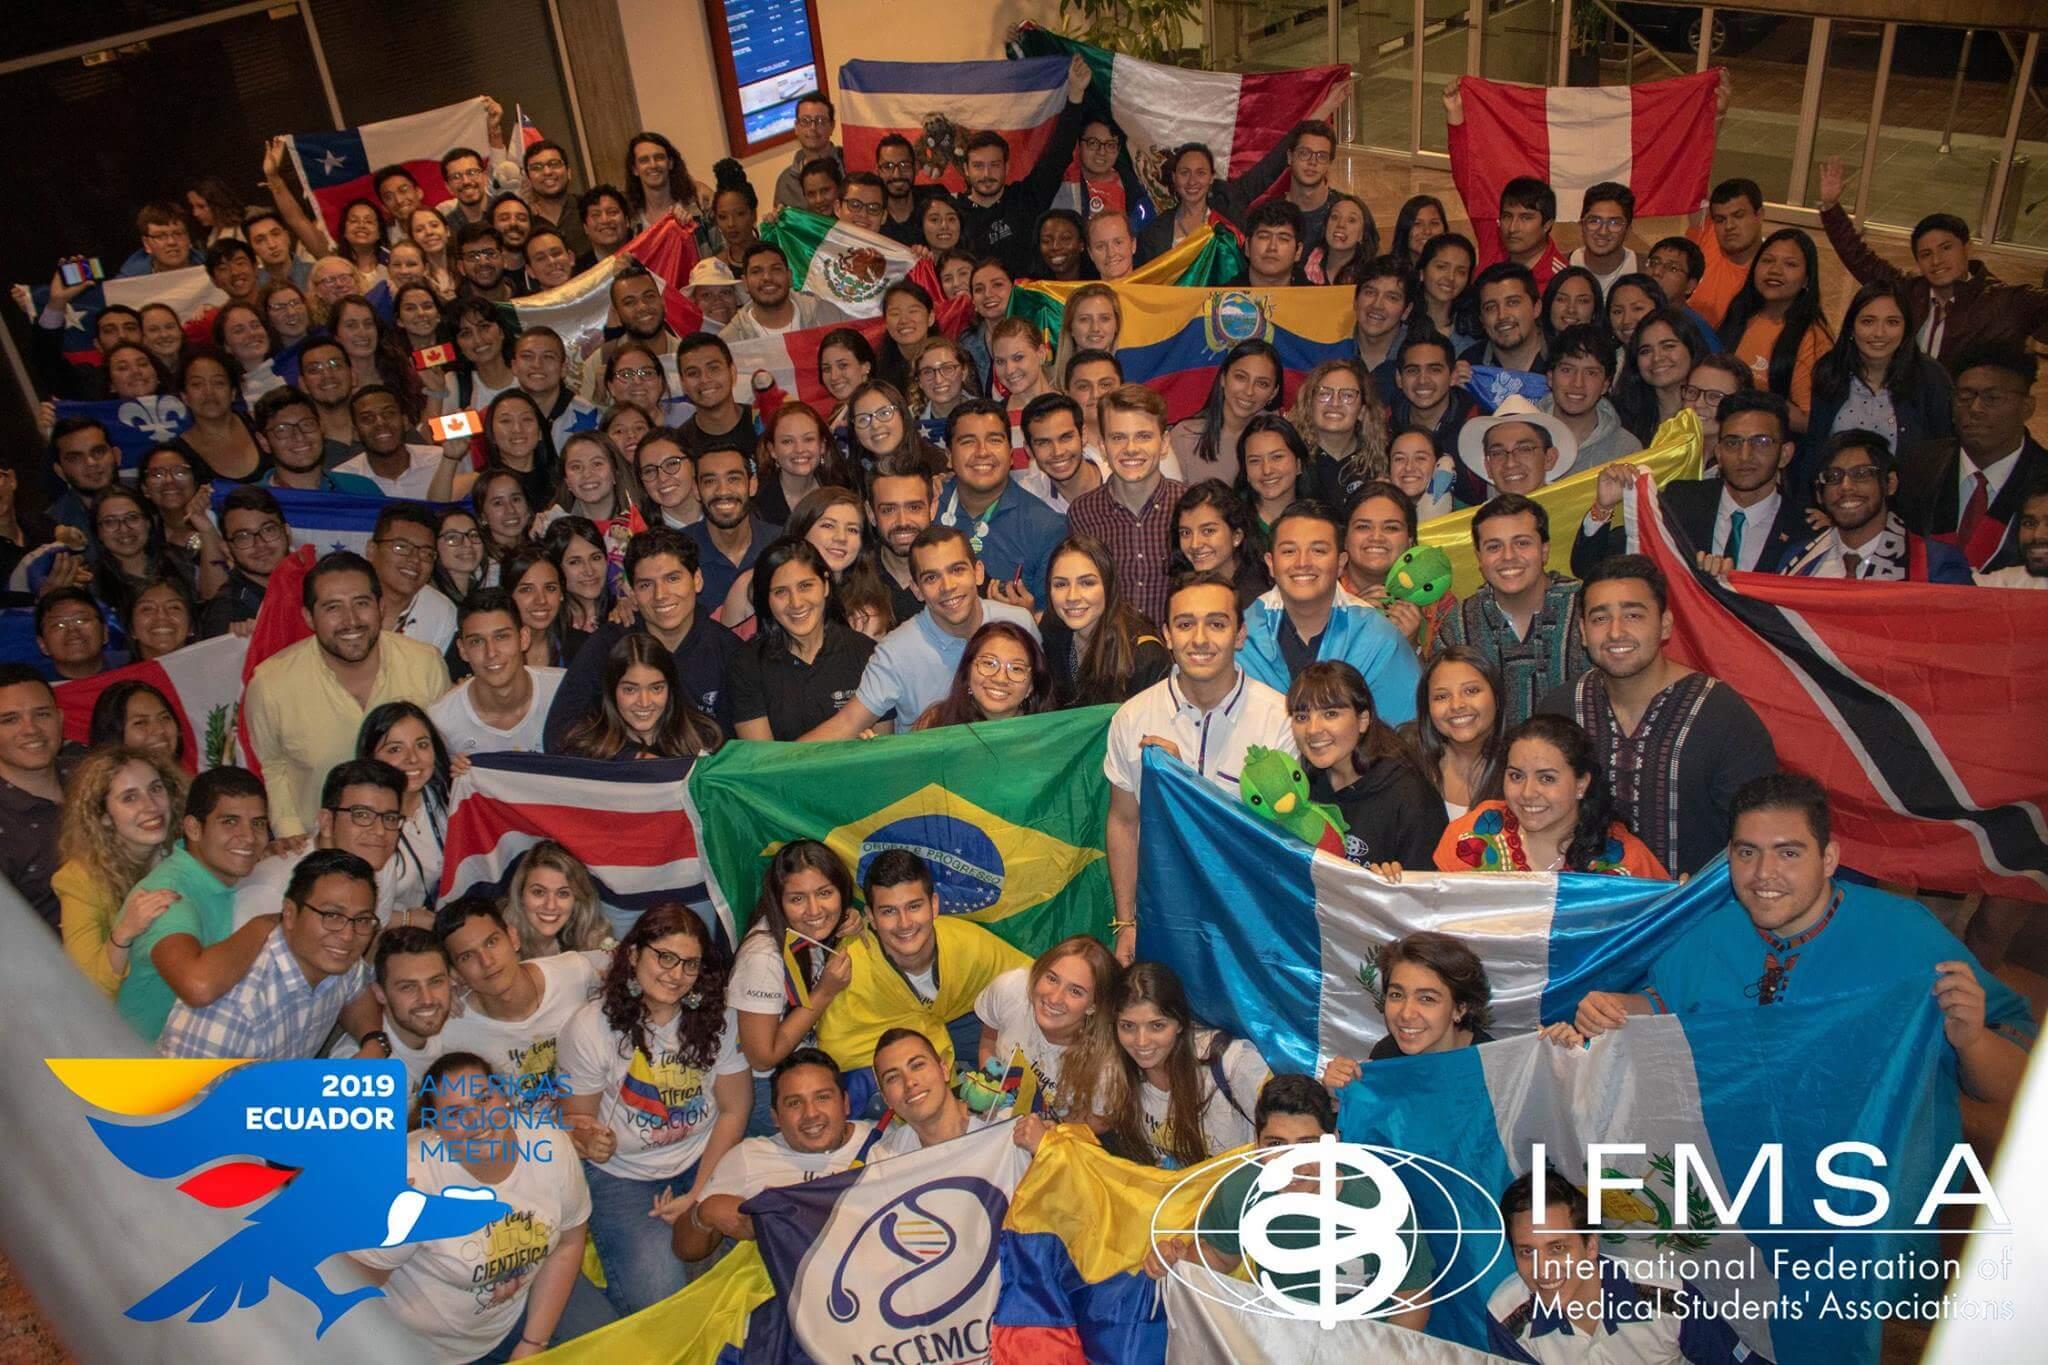 Americas Regional Meeting